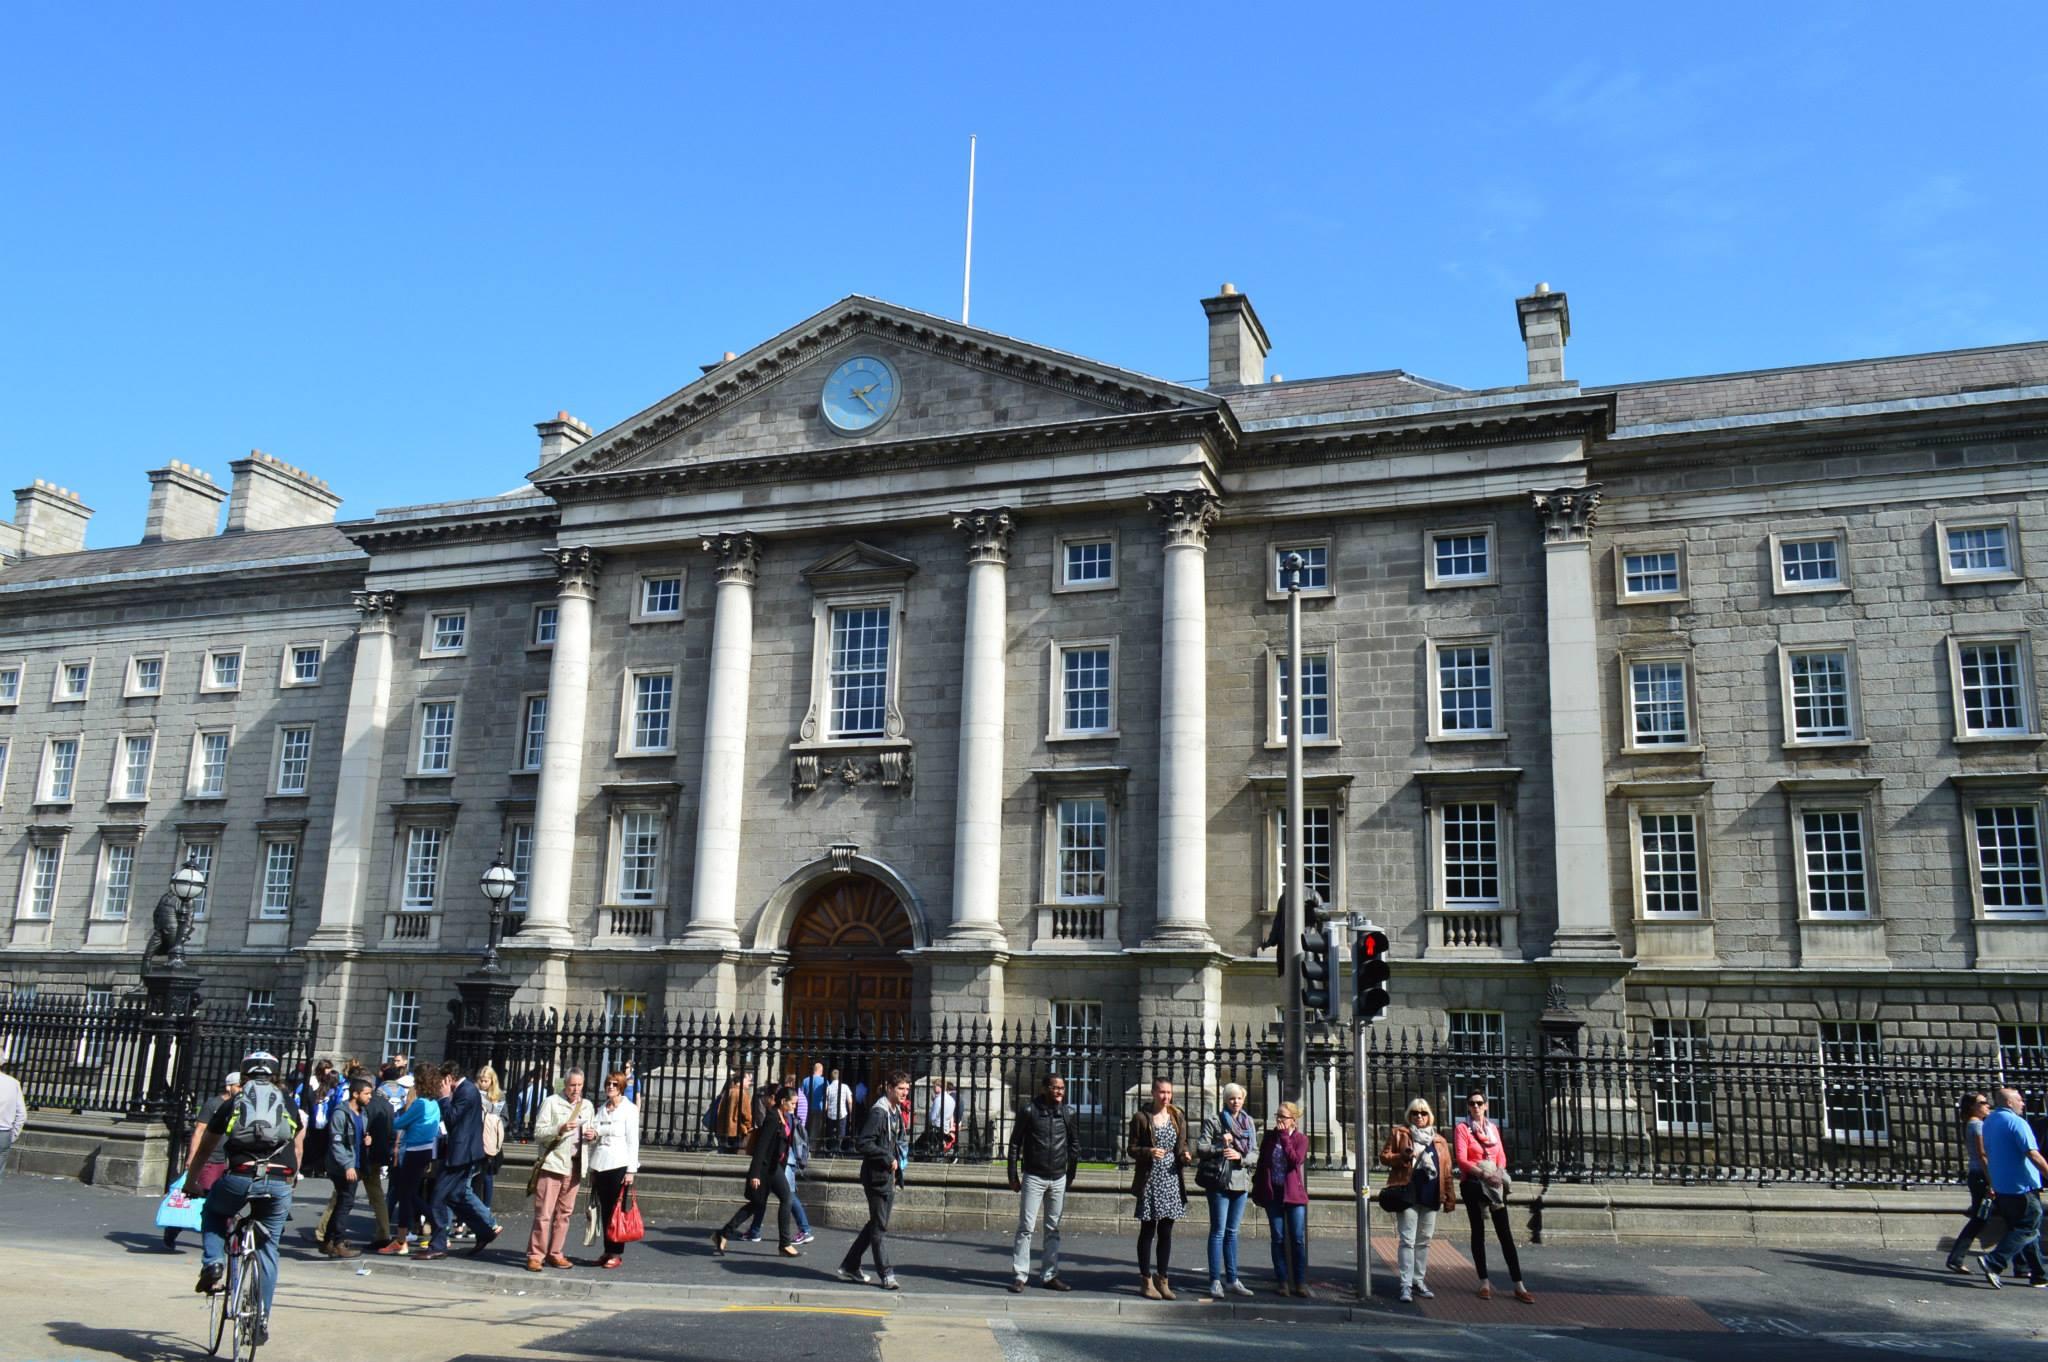 File:Dublin - Trinity College Dublin - 20180925051105 jpg